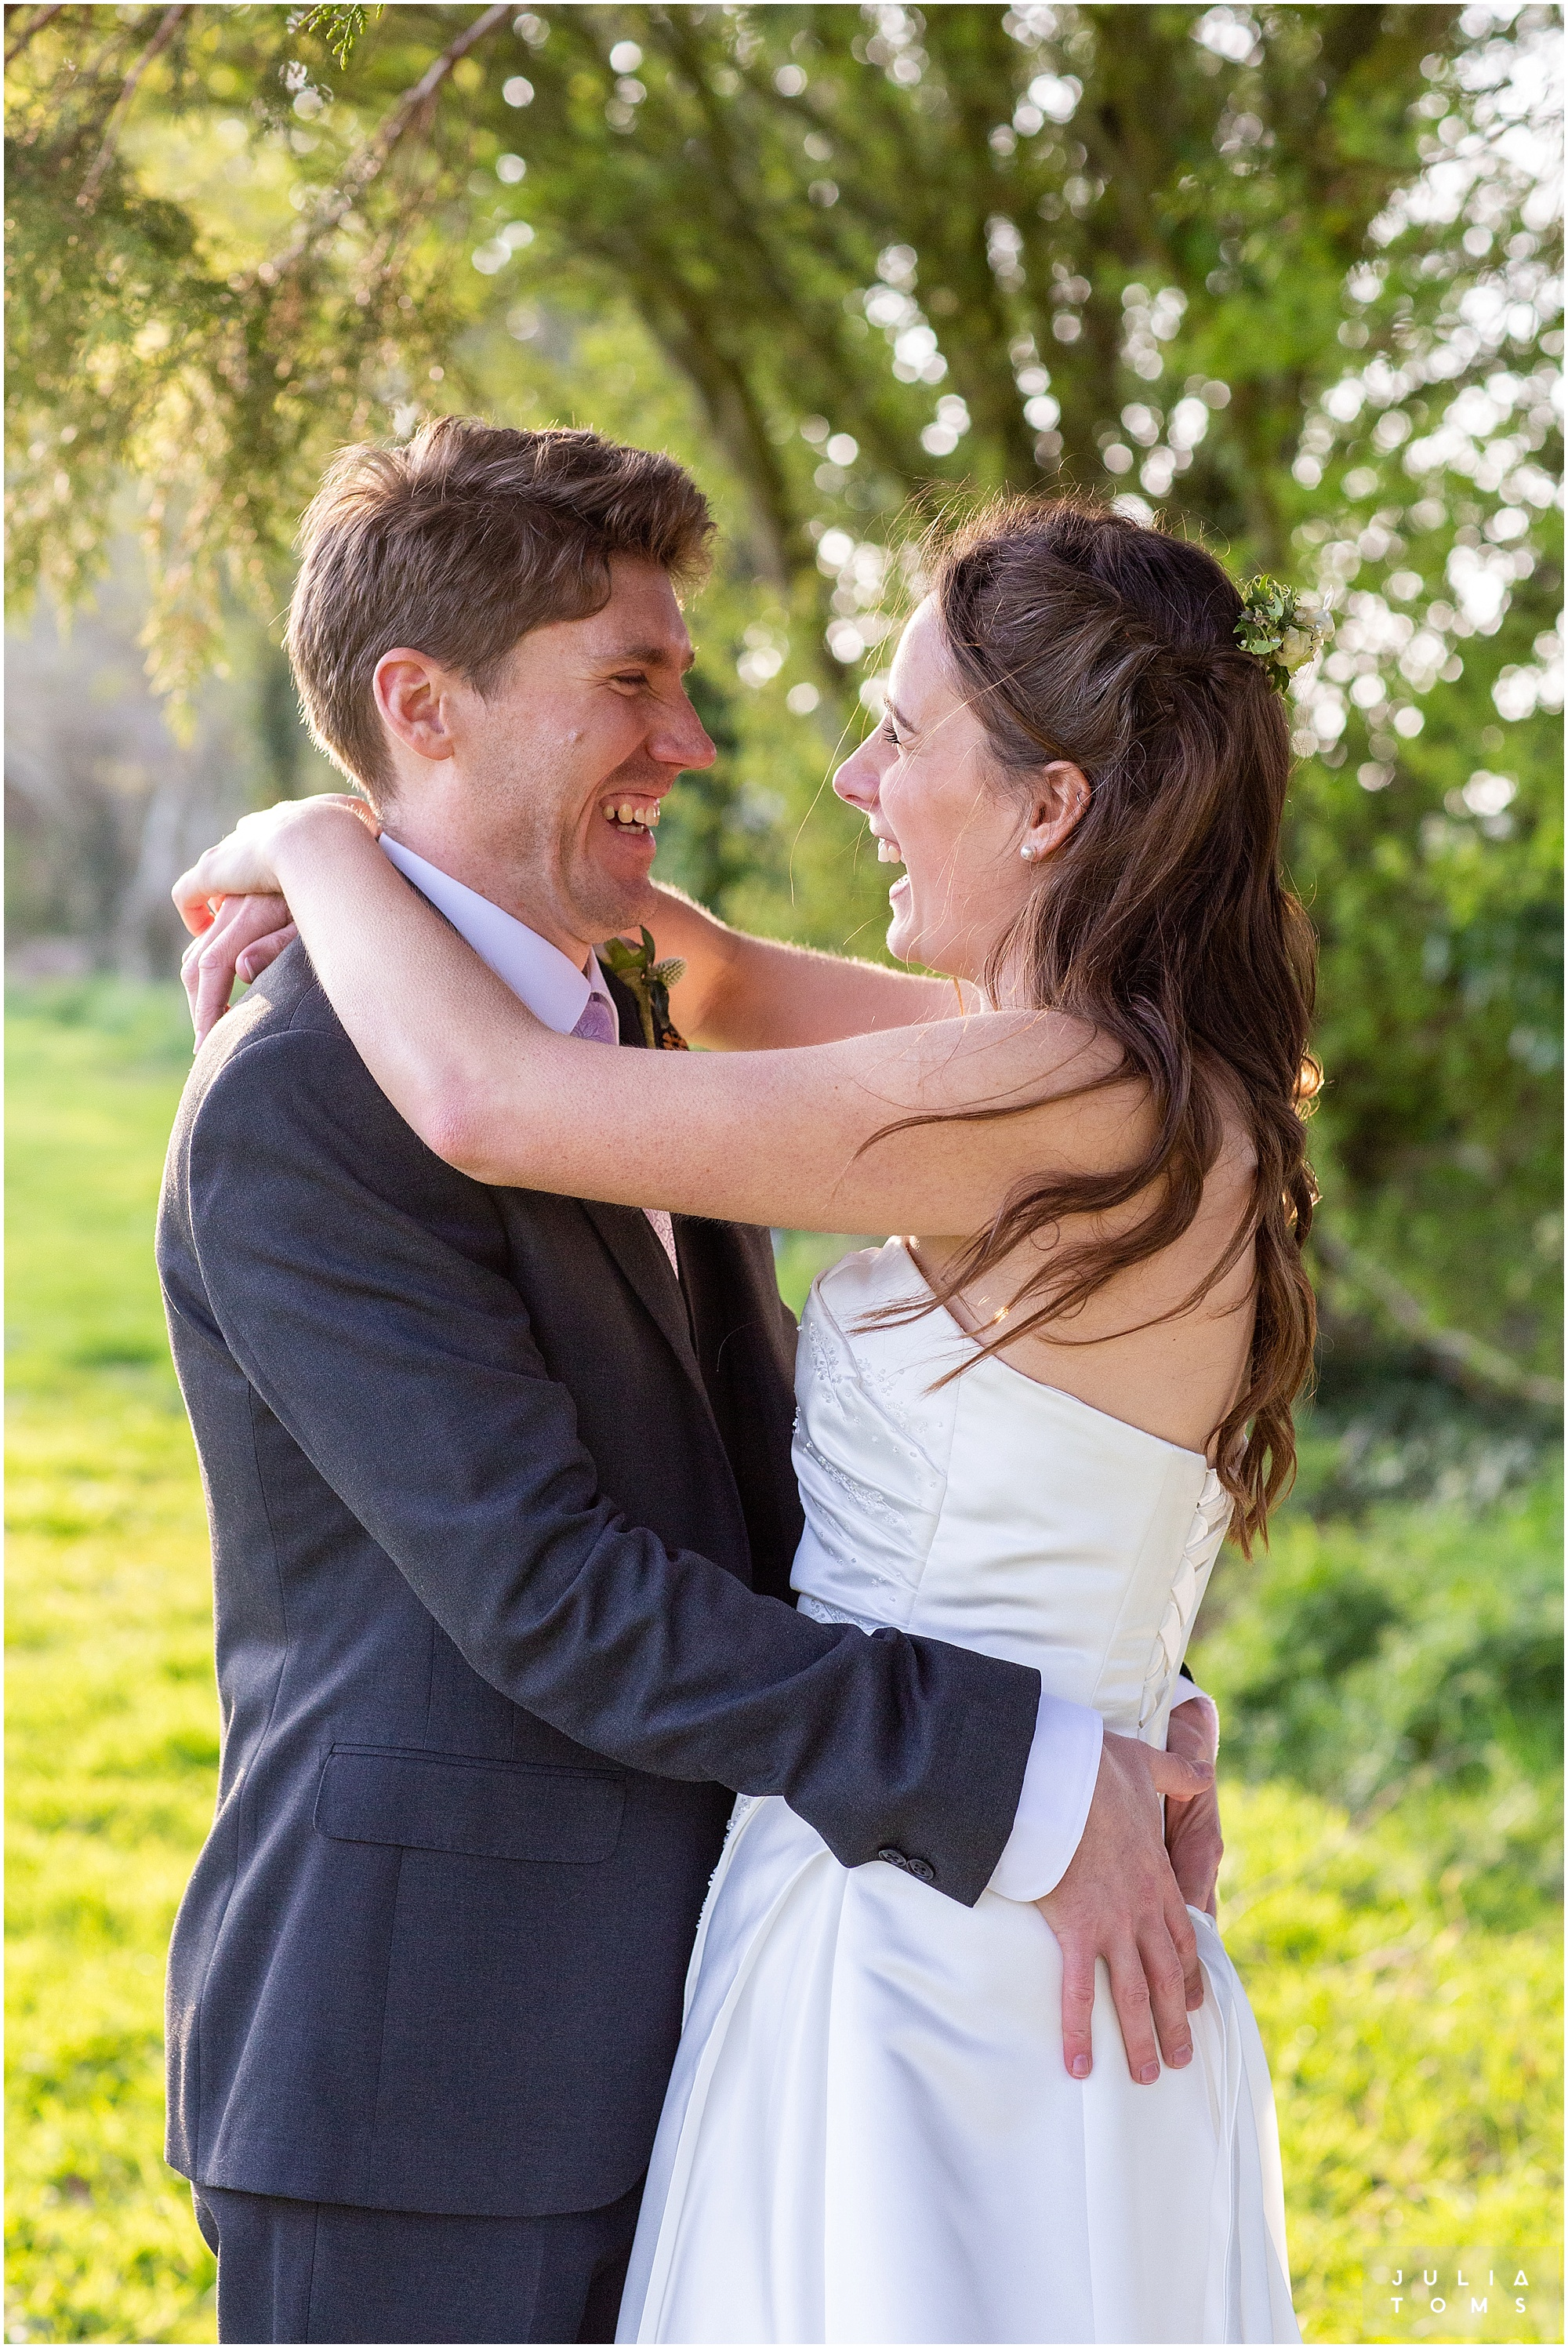 juliatoms_christian_wedding_photogtapher_midhurst_024.jpg